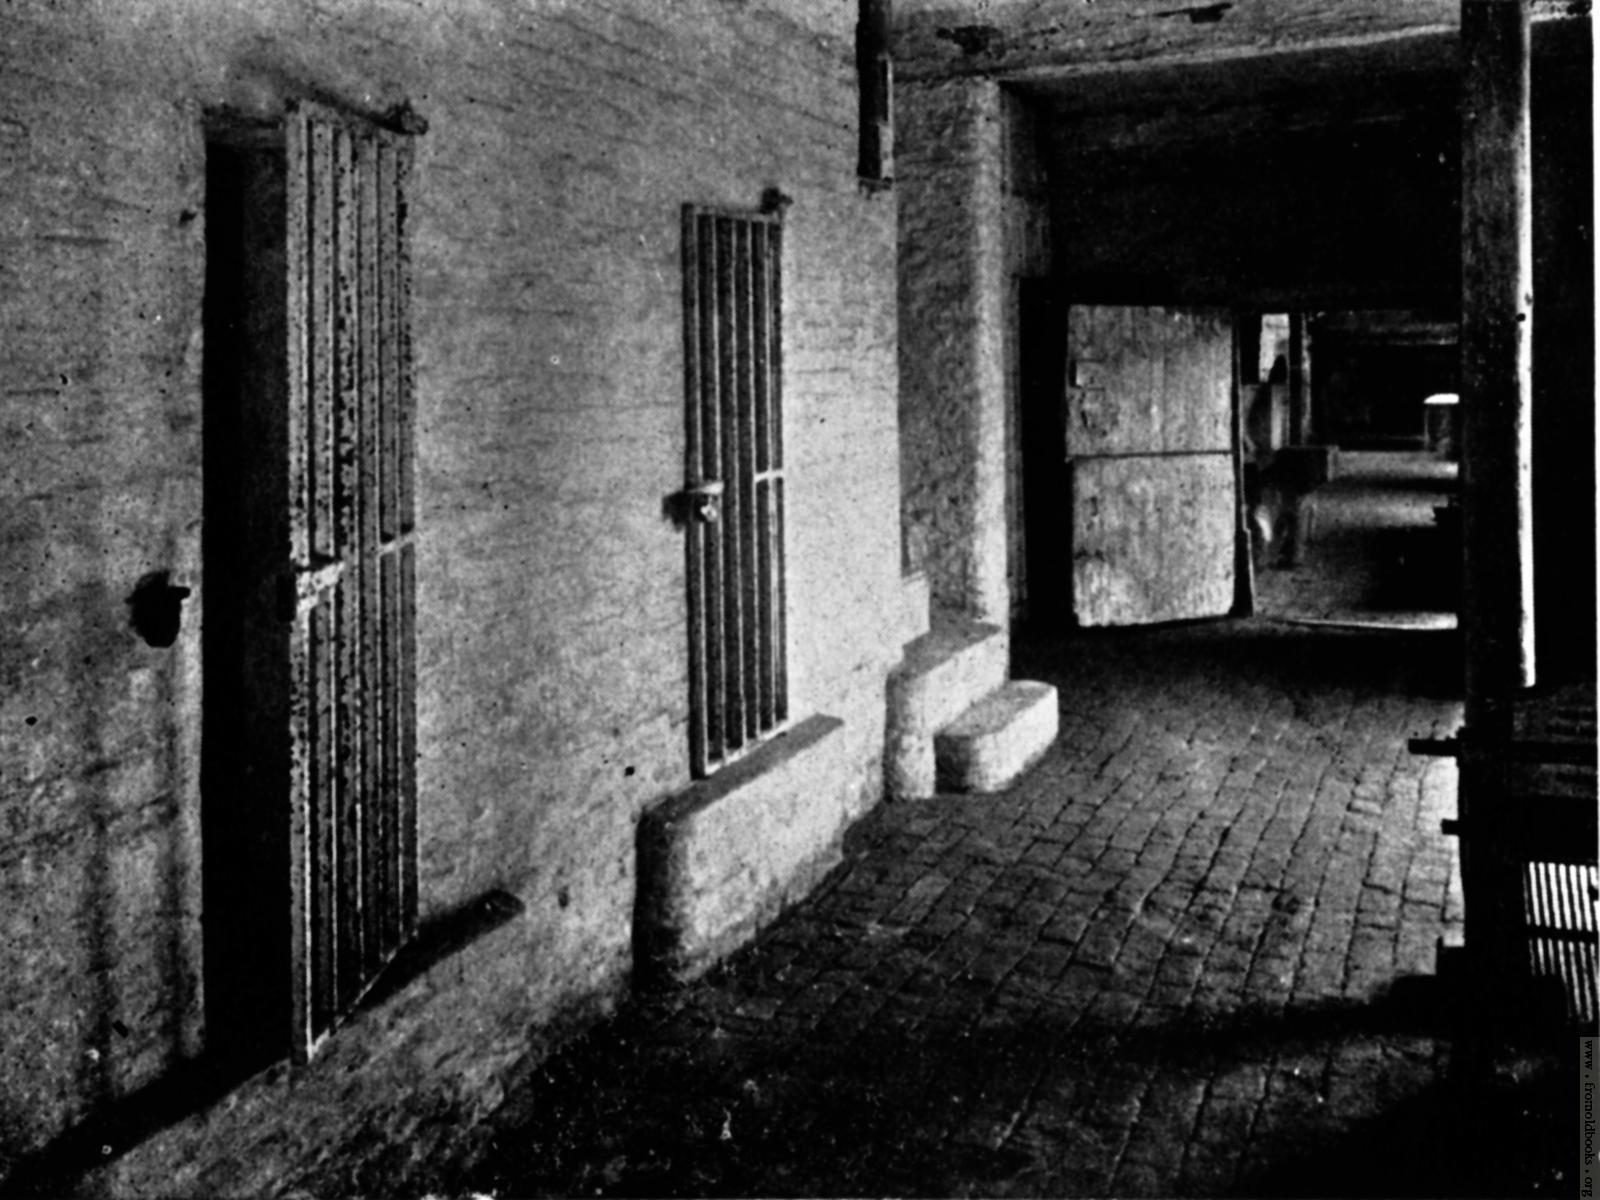 Prison Cells wallpaper version details 1600x1200